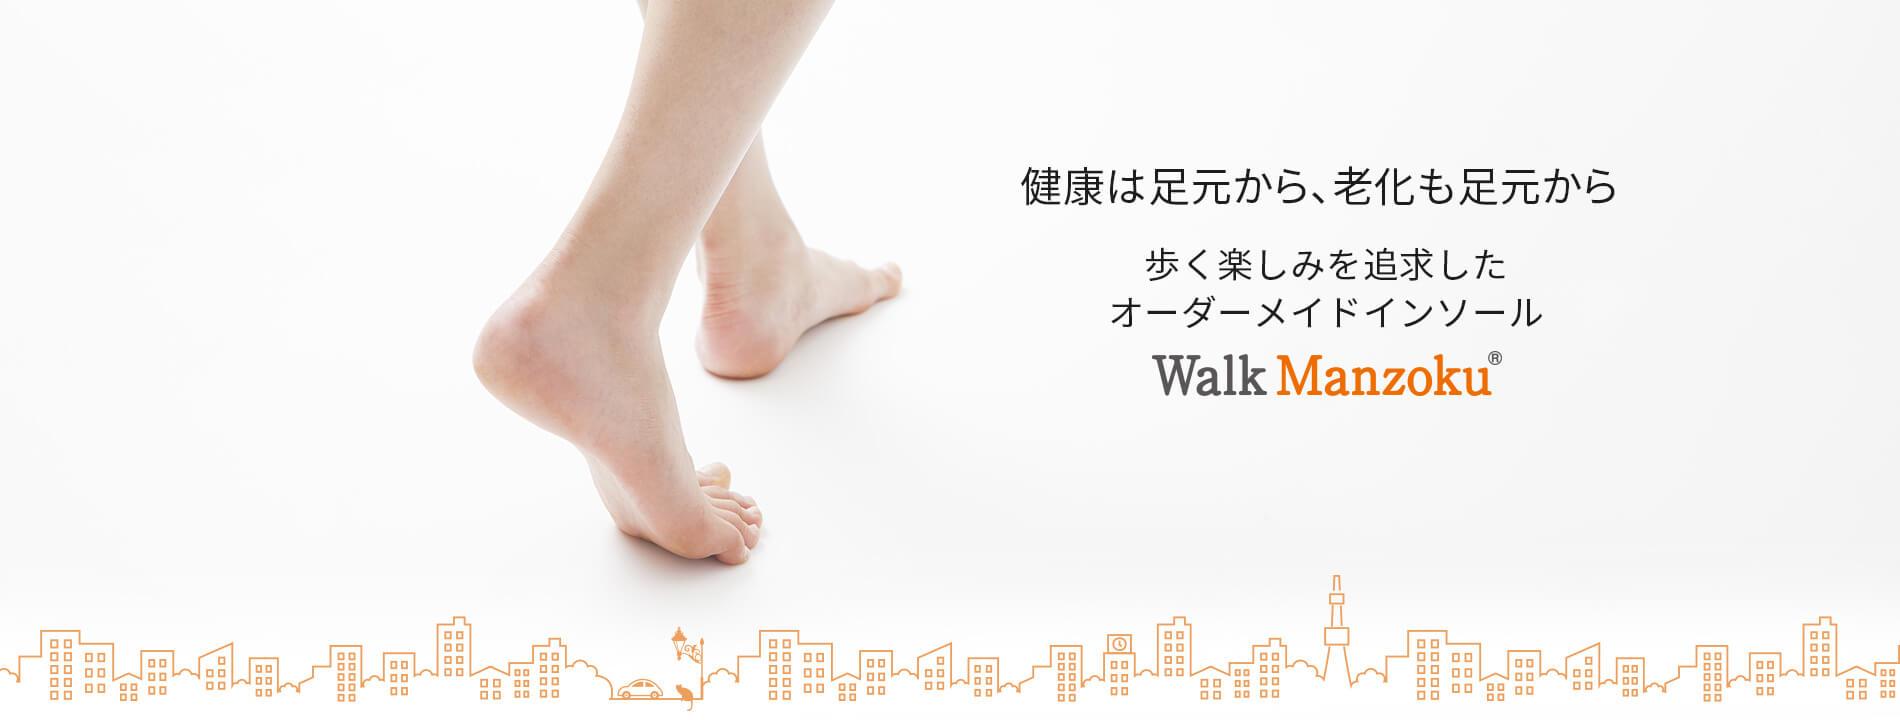 健康は足元から、老化も足元から。歩く楽しみを追求したオーダーメイドインソール ウォーク満足